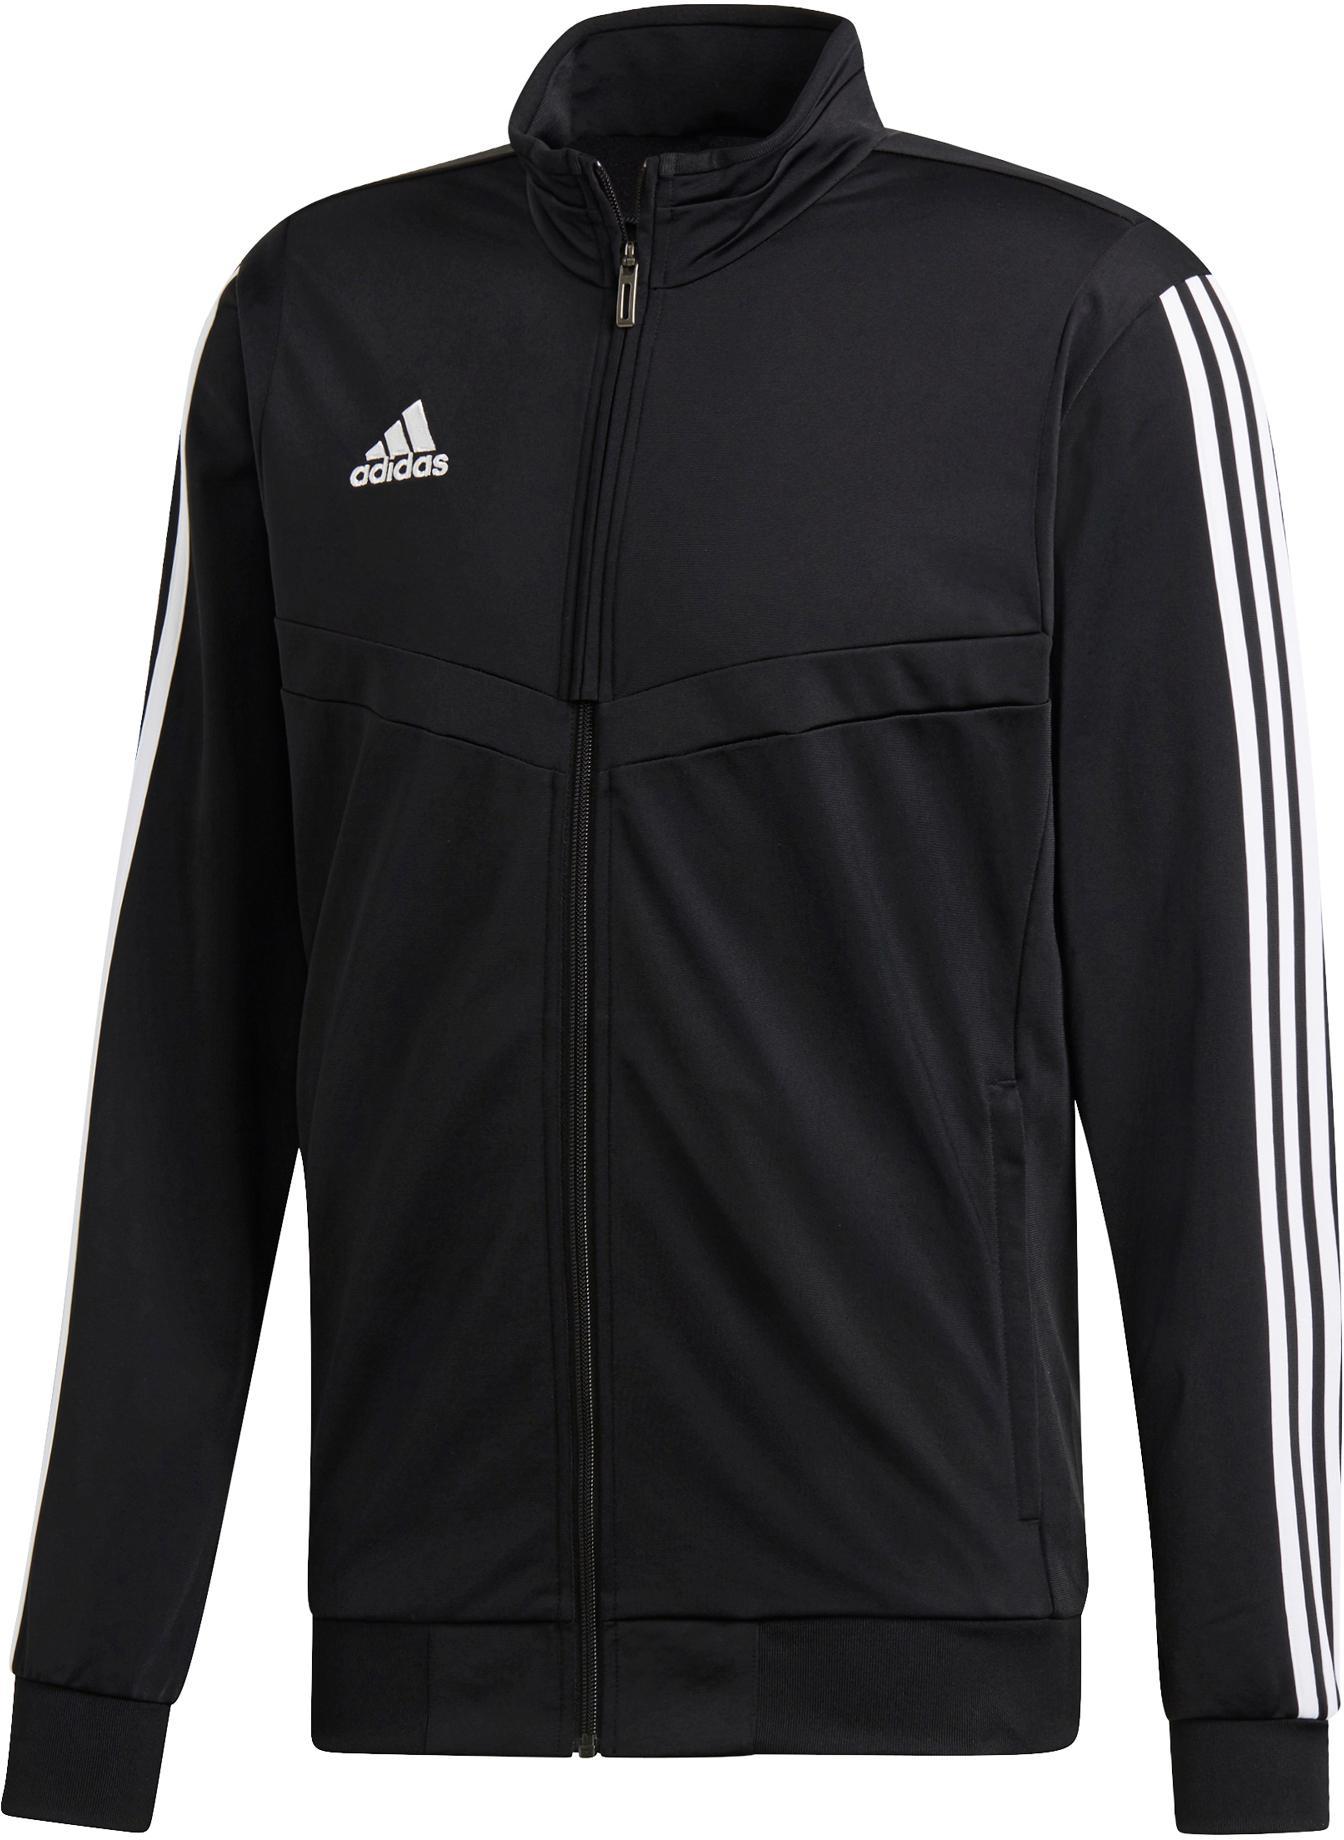 adidas Tiro 19 Regenjacke Herren schwarz weiß im Online Shop von SportScheck kaufen